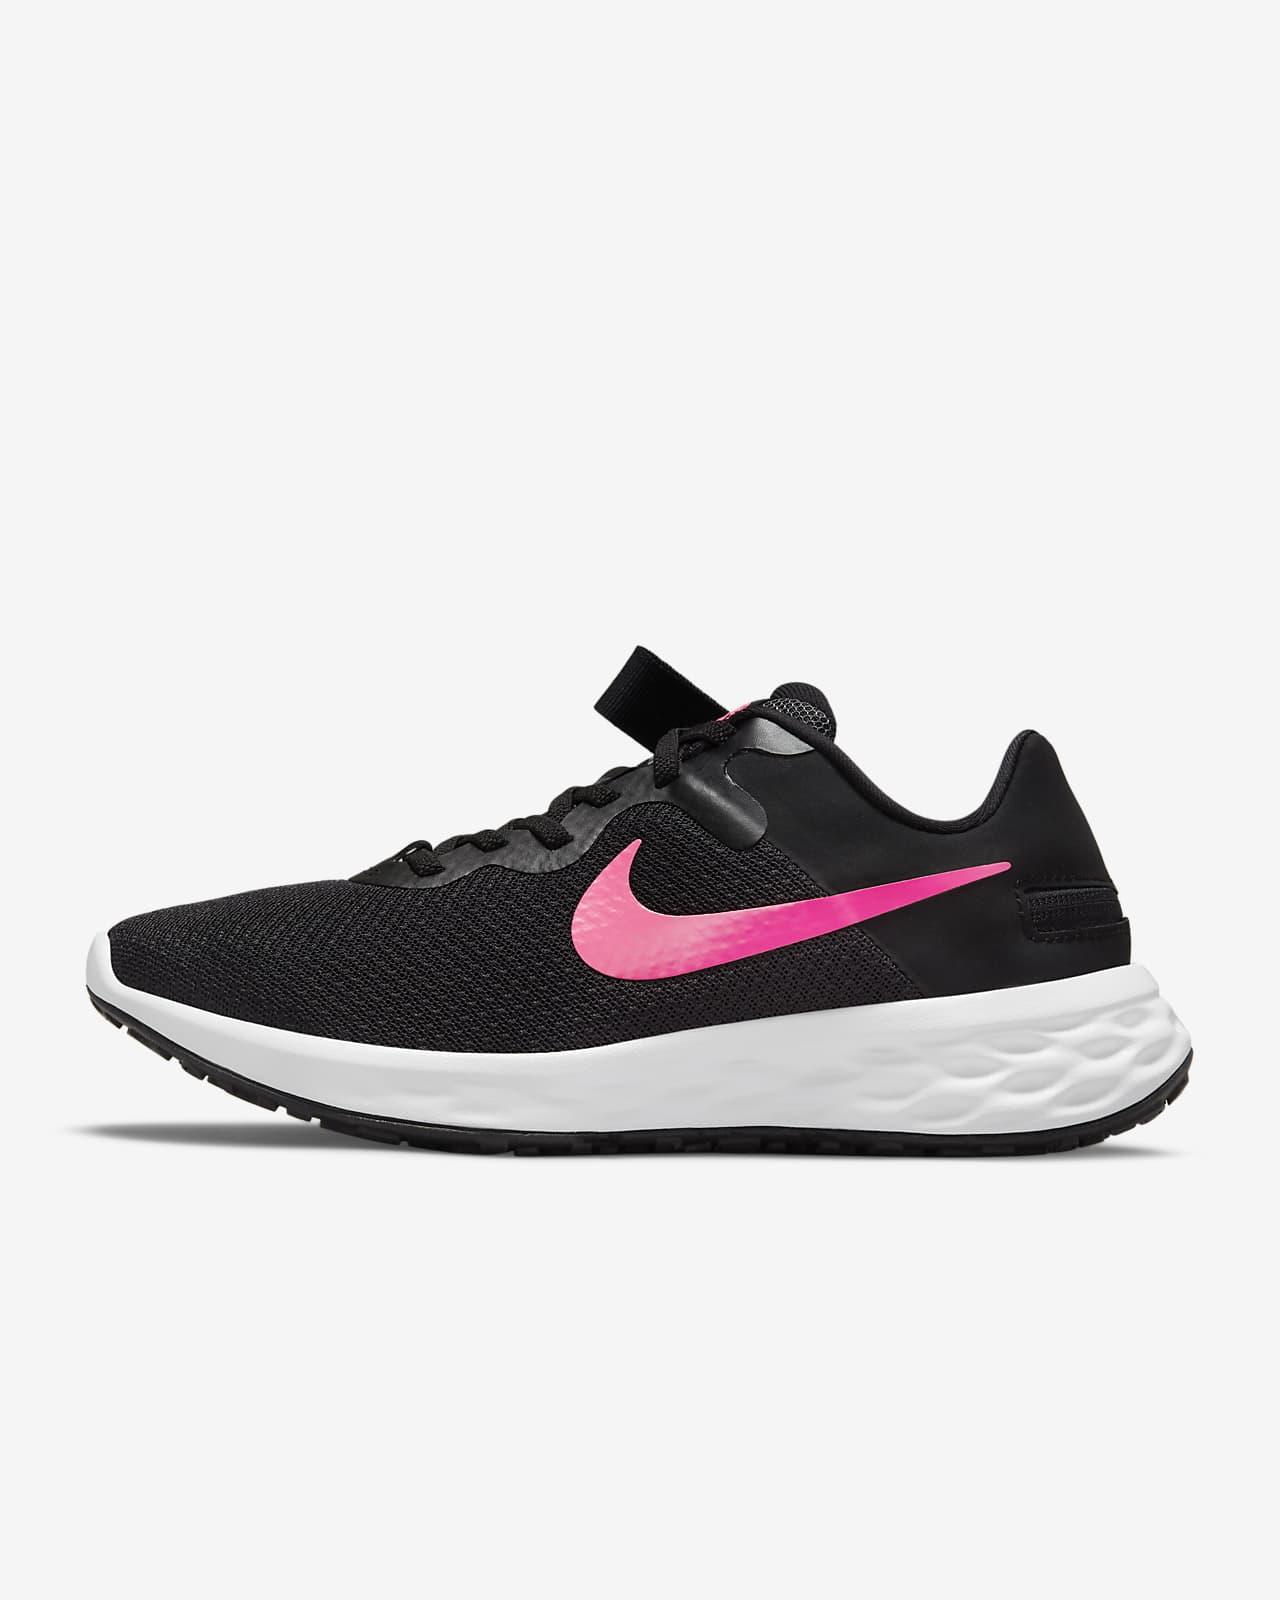 รองเท้าวิ่งโร้ดรันนิ่งผู้หญิงใส่/ถอดง่าย Nike Revolution 6 FlyEase Next Nature